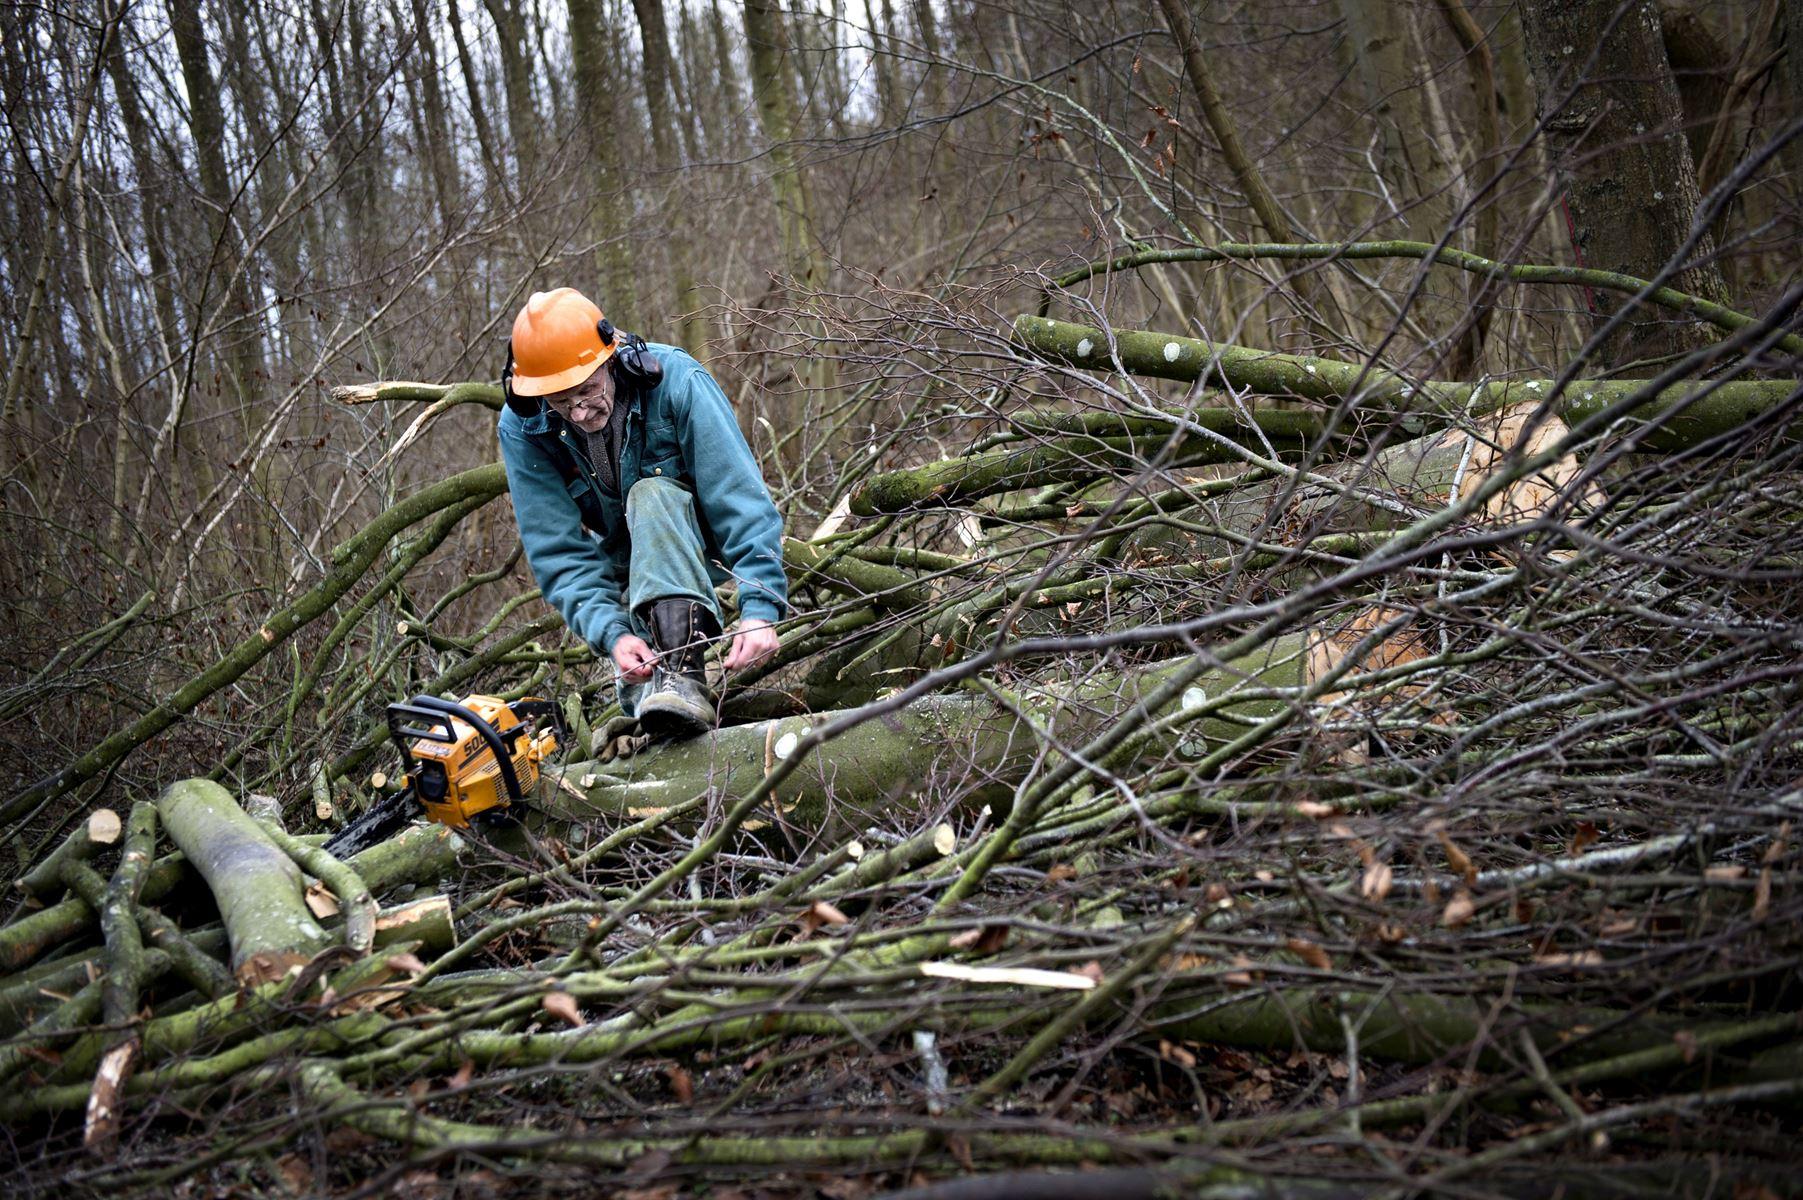 Gratis Østershatte, enebær, judasører, slåen og skovæbler er blandt de råvarer, som du kan plukke ganske gratis i naturen i vintersæsonen